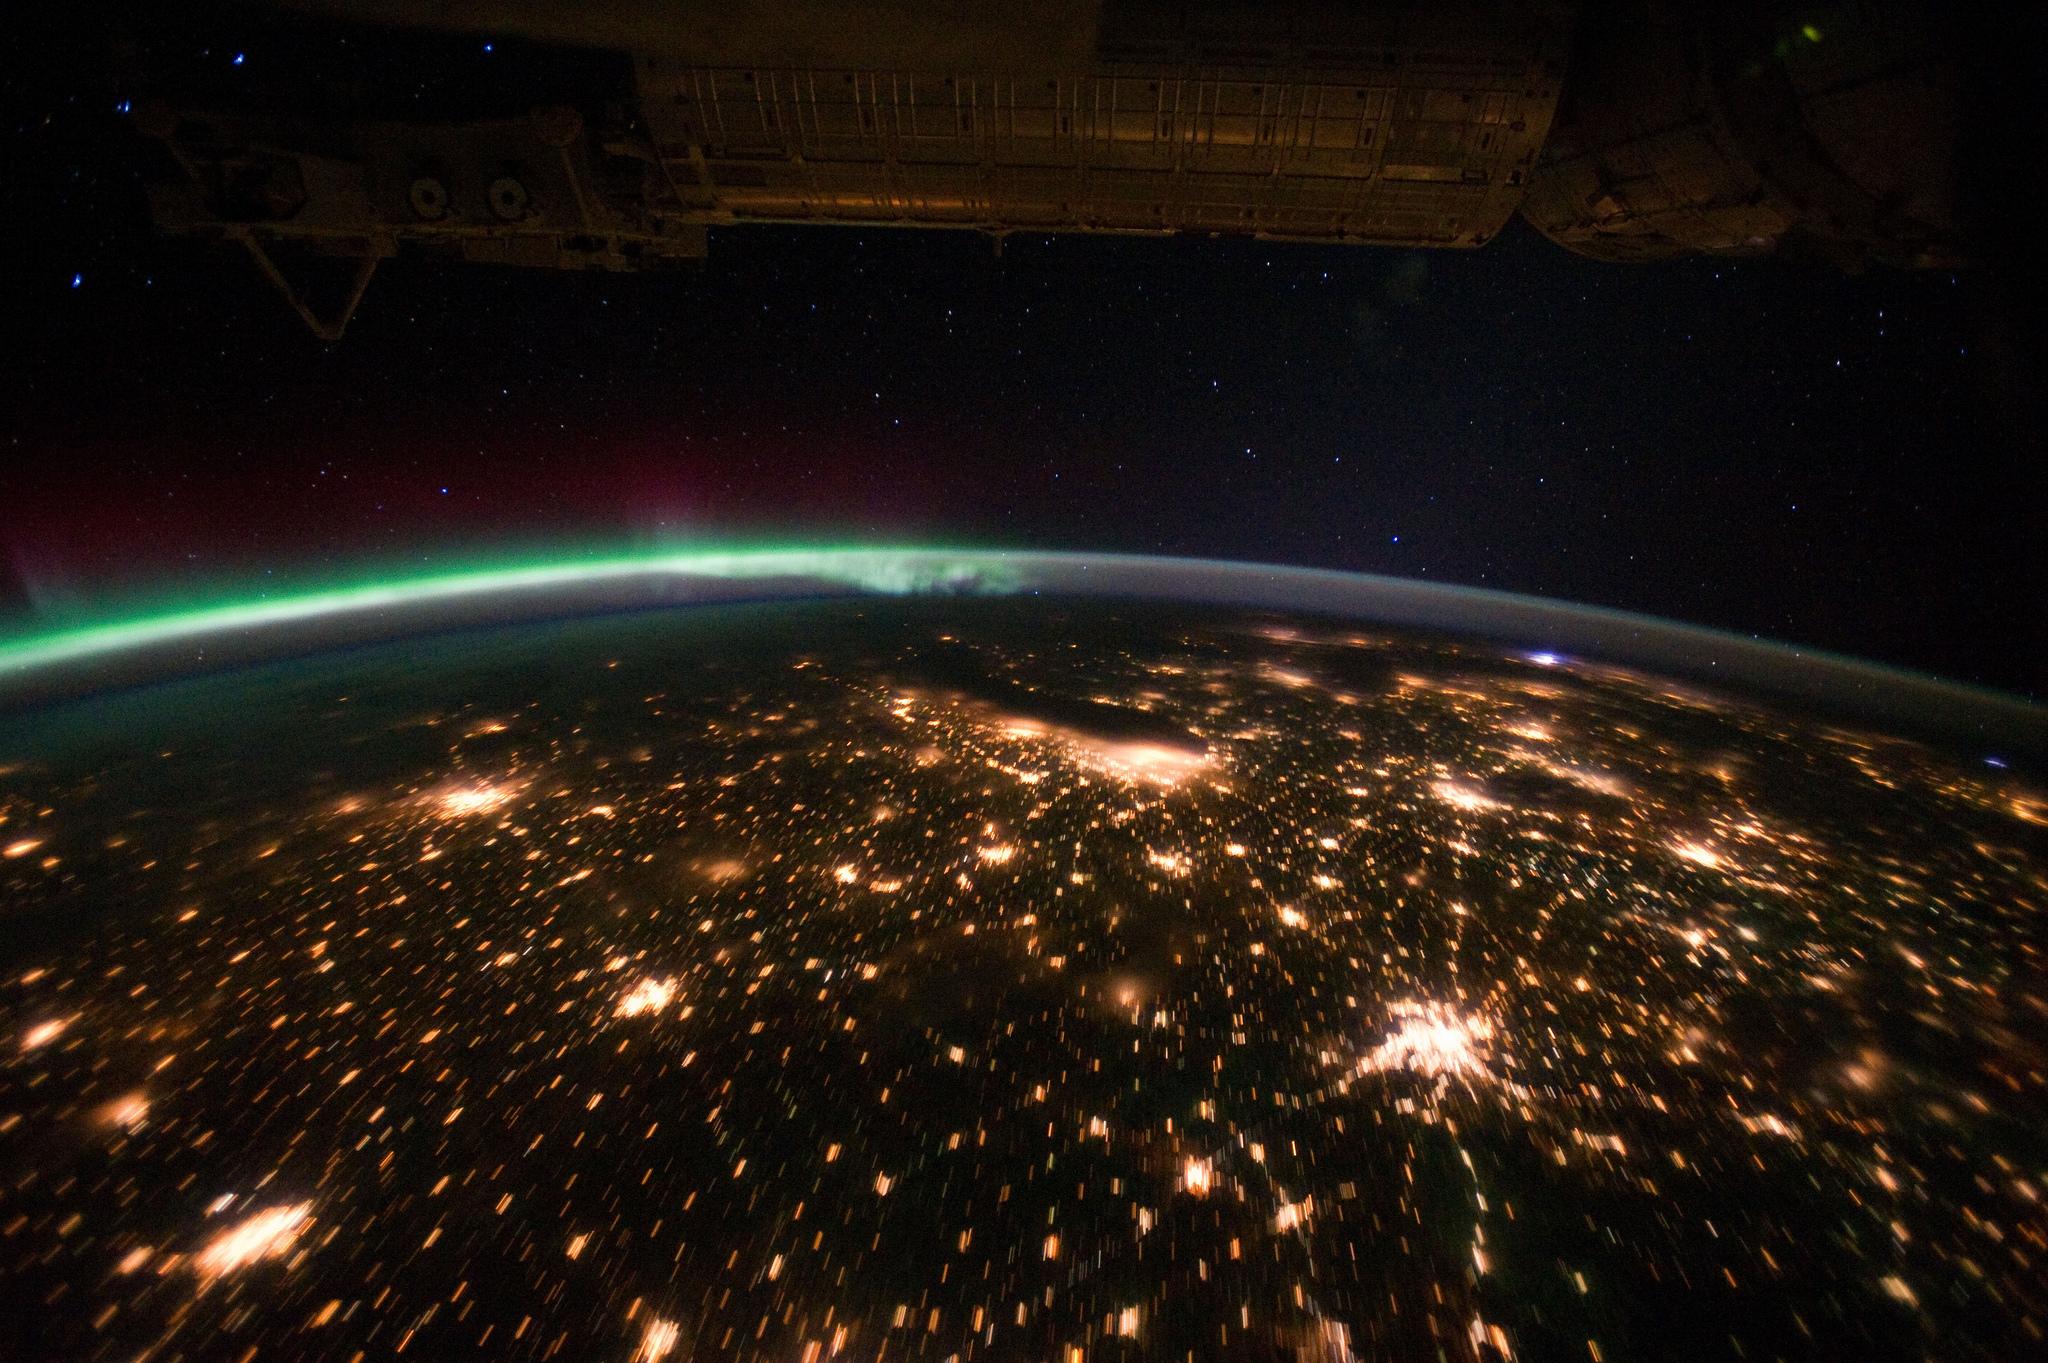 Vista nocturna del Medio Oeste de los Estados Unidos desde la Estación Espacial Internacional. Fotografía: NASA (CC).